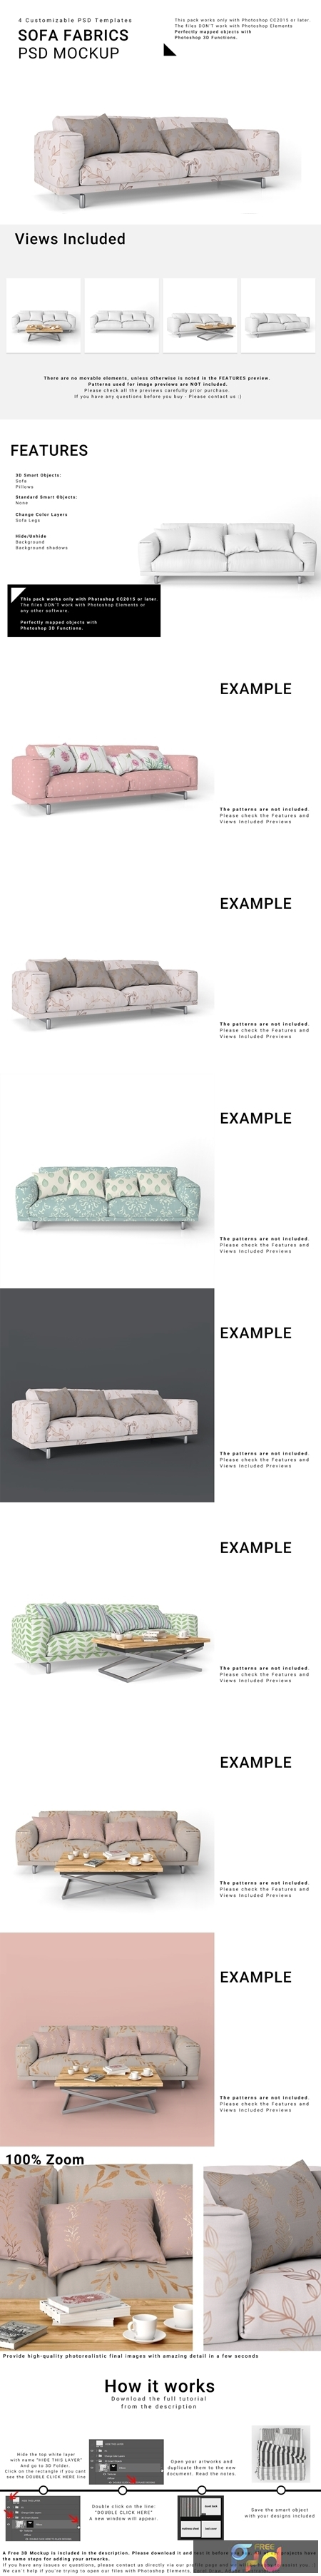 Sofa and Throw Pillows Set 3771292 1